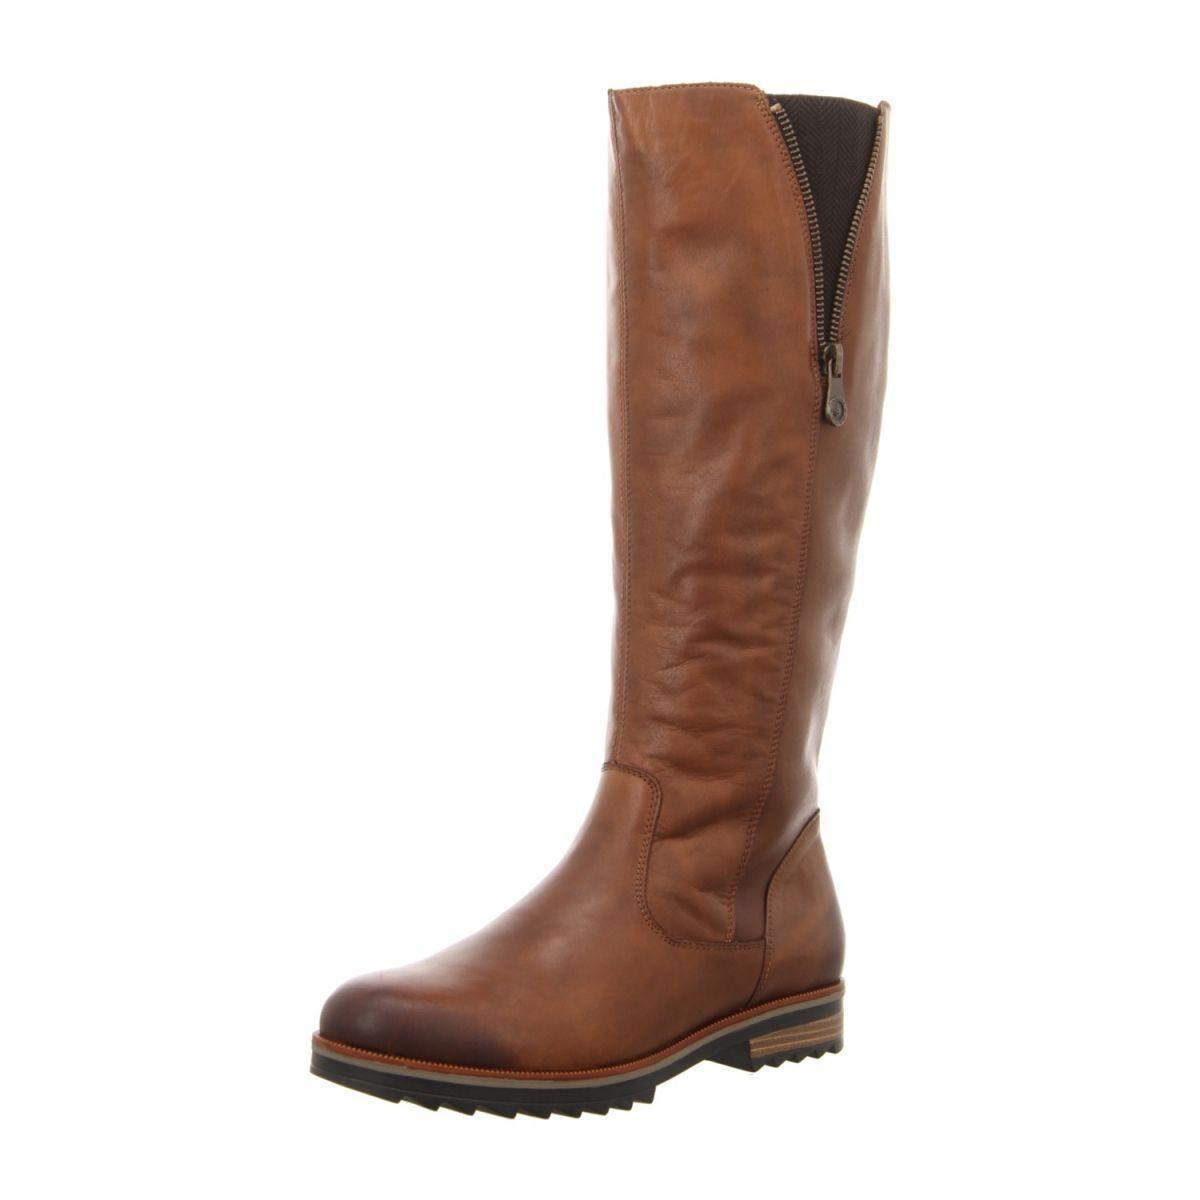 52daa1079904 NEU  Remonte Stiefel R2277-24 - braun -   Schuhe   Accessoires ...